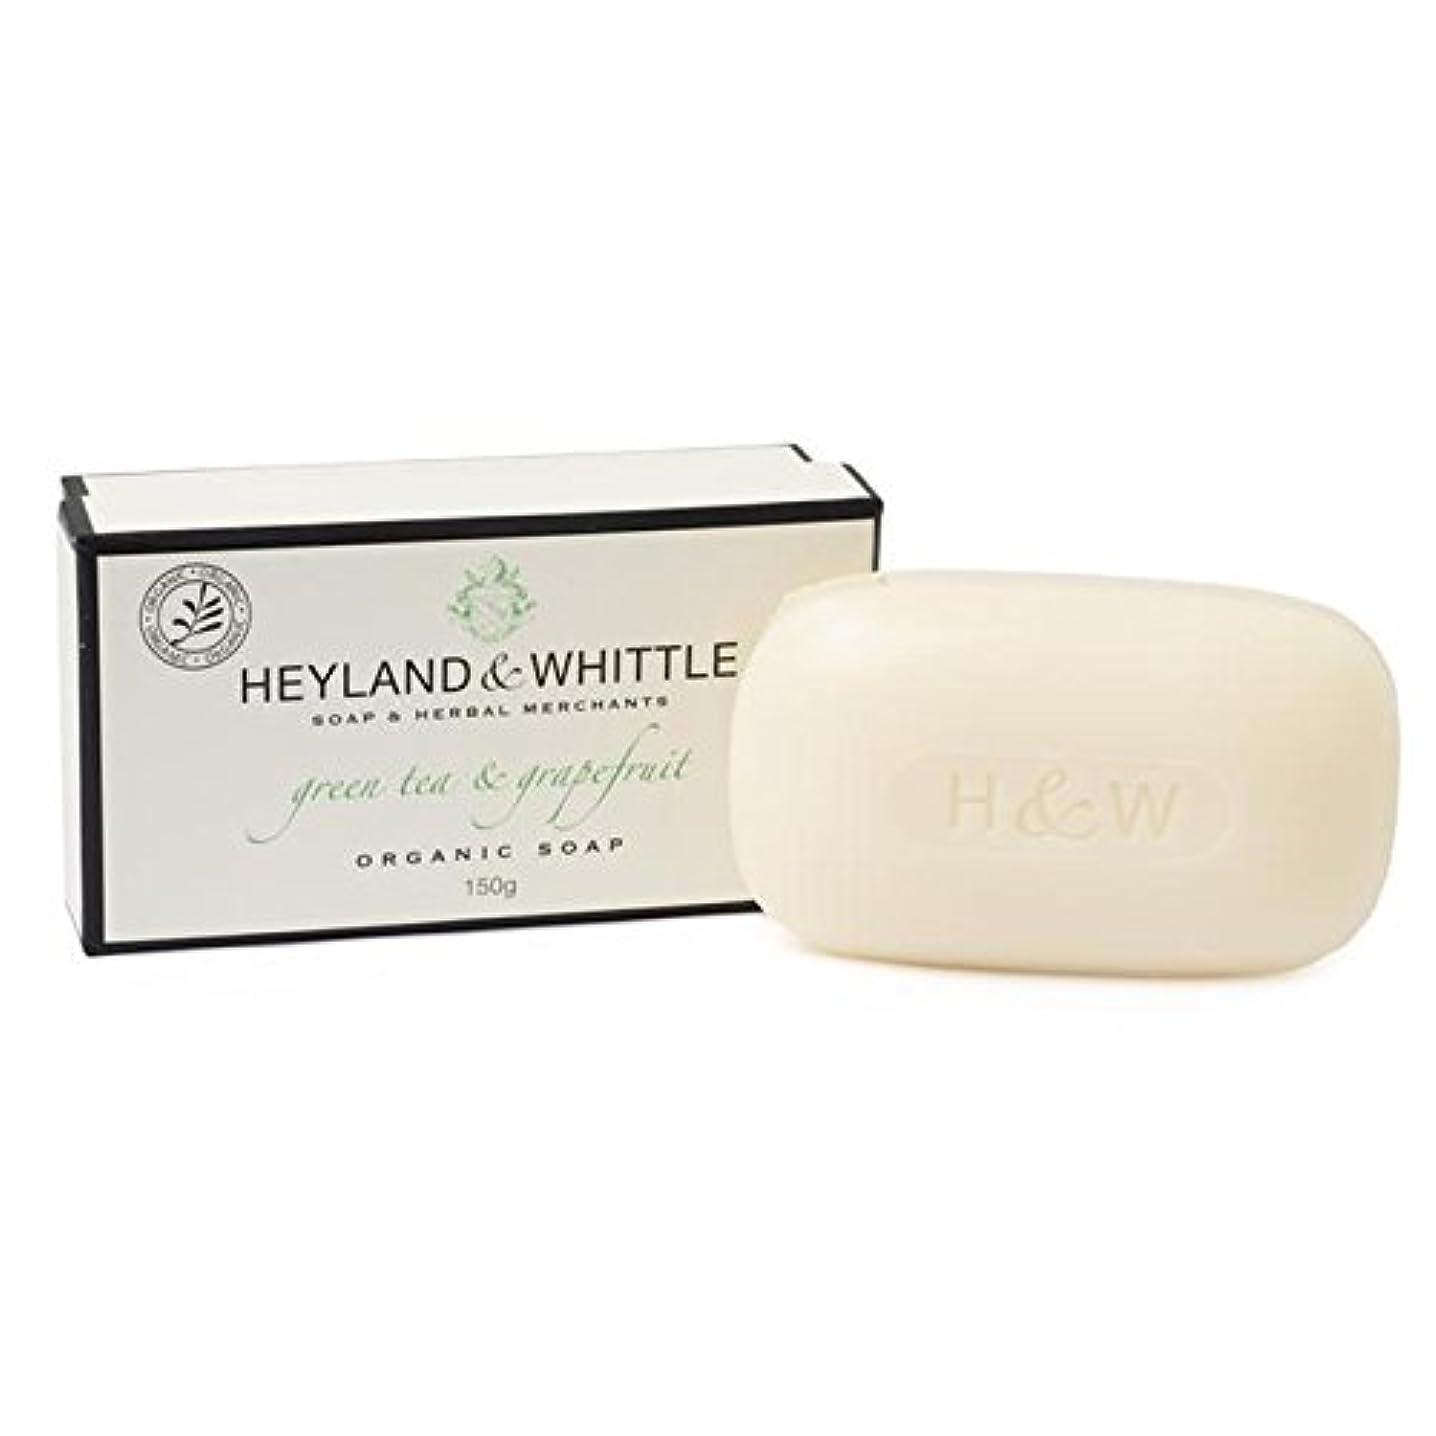 博物館管理者拘束&削る緑茶&グレープフルーツはオーガニックソープ150グラム箱入り x4 - Heyland & Whittle Green Tea & Grapefruit Boxed Organic Soap 150g (Pack...